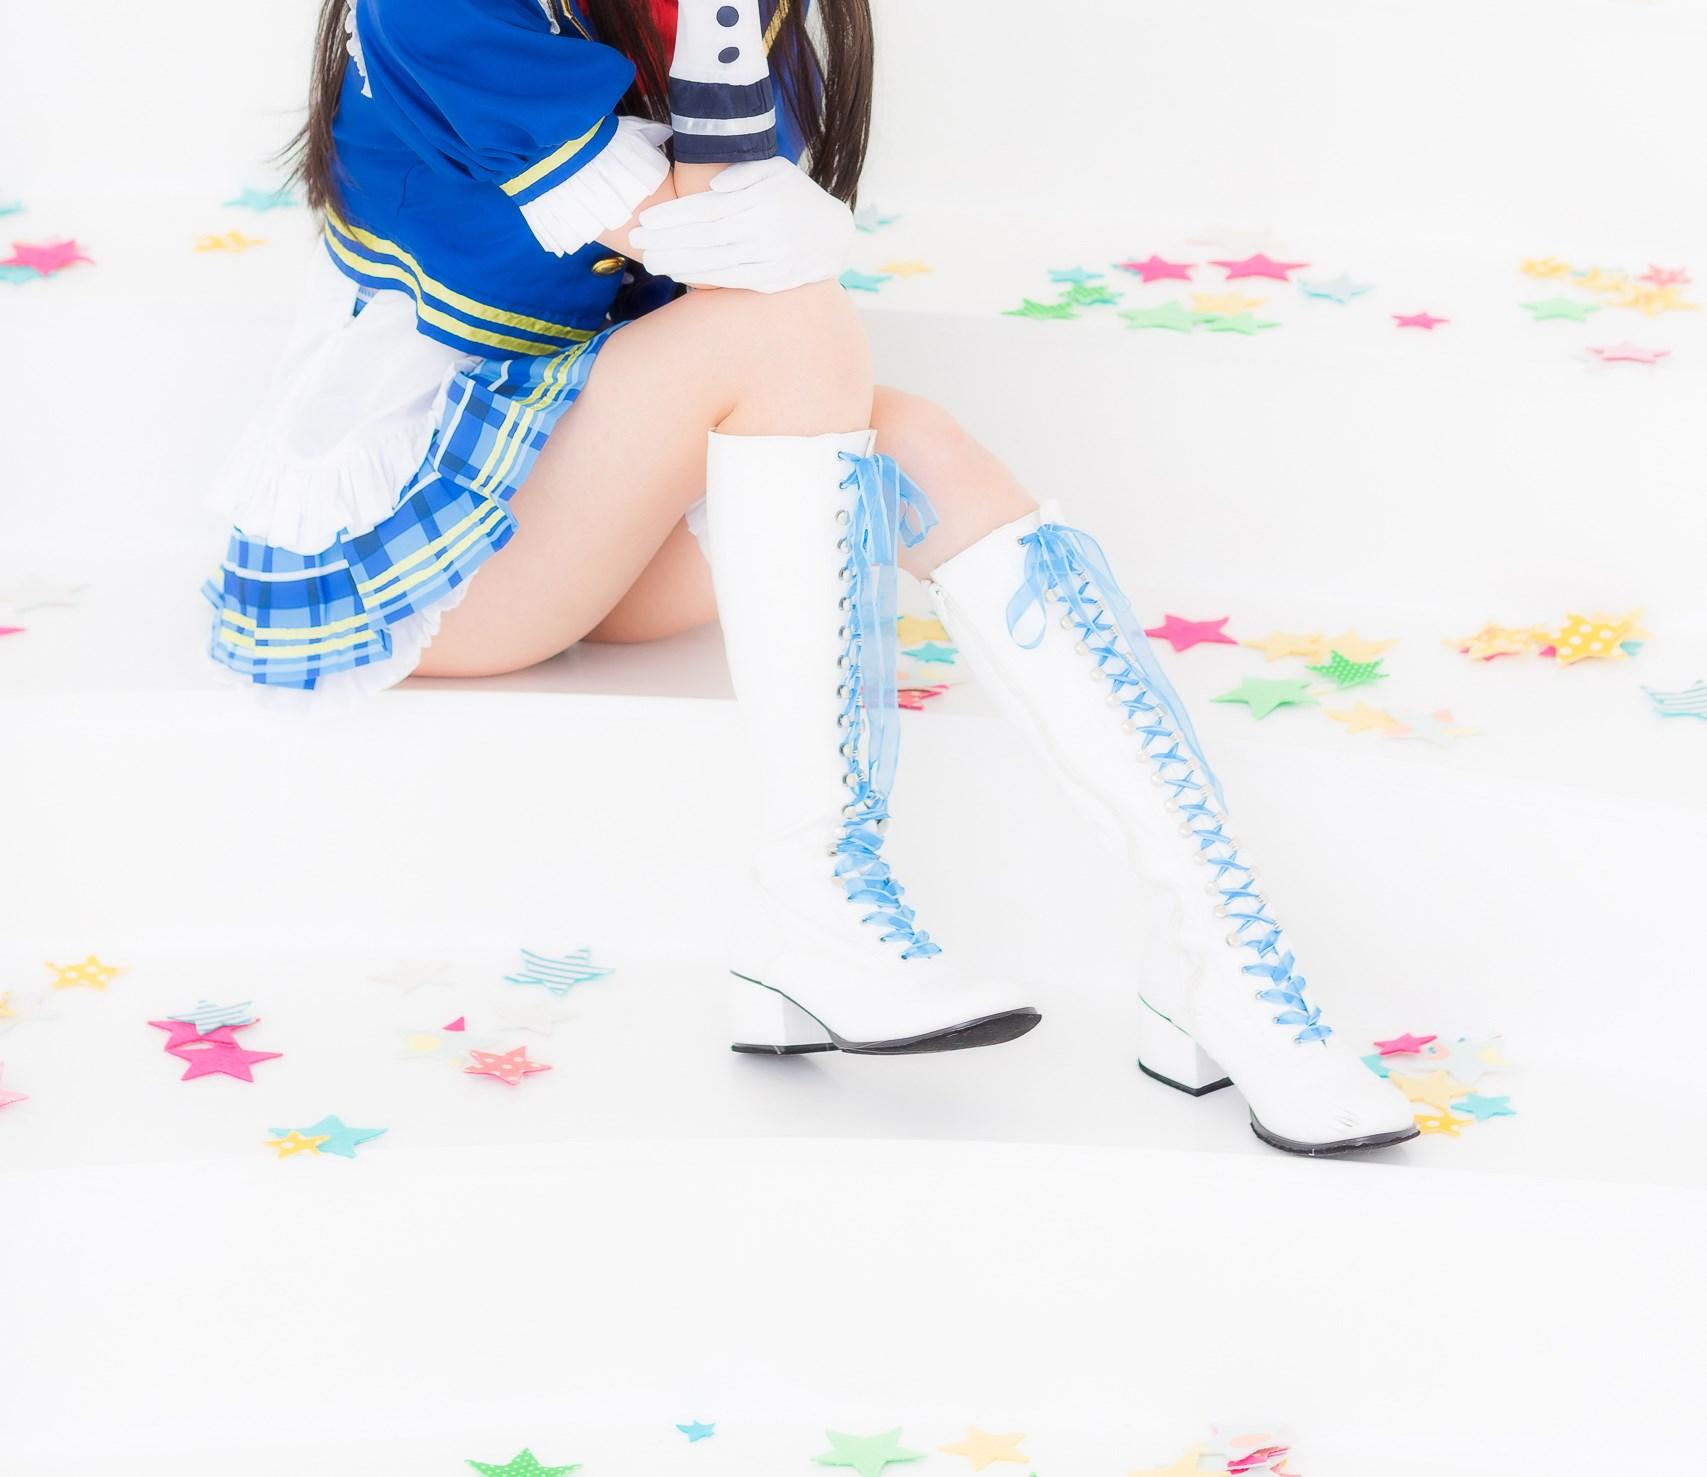 【兔玩映画】少女制服爱豆 兔玩映画 第21张